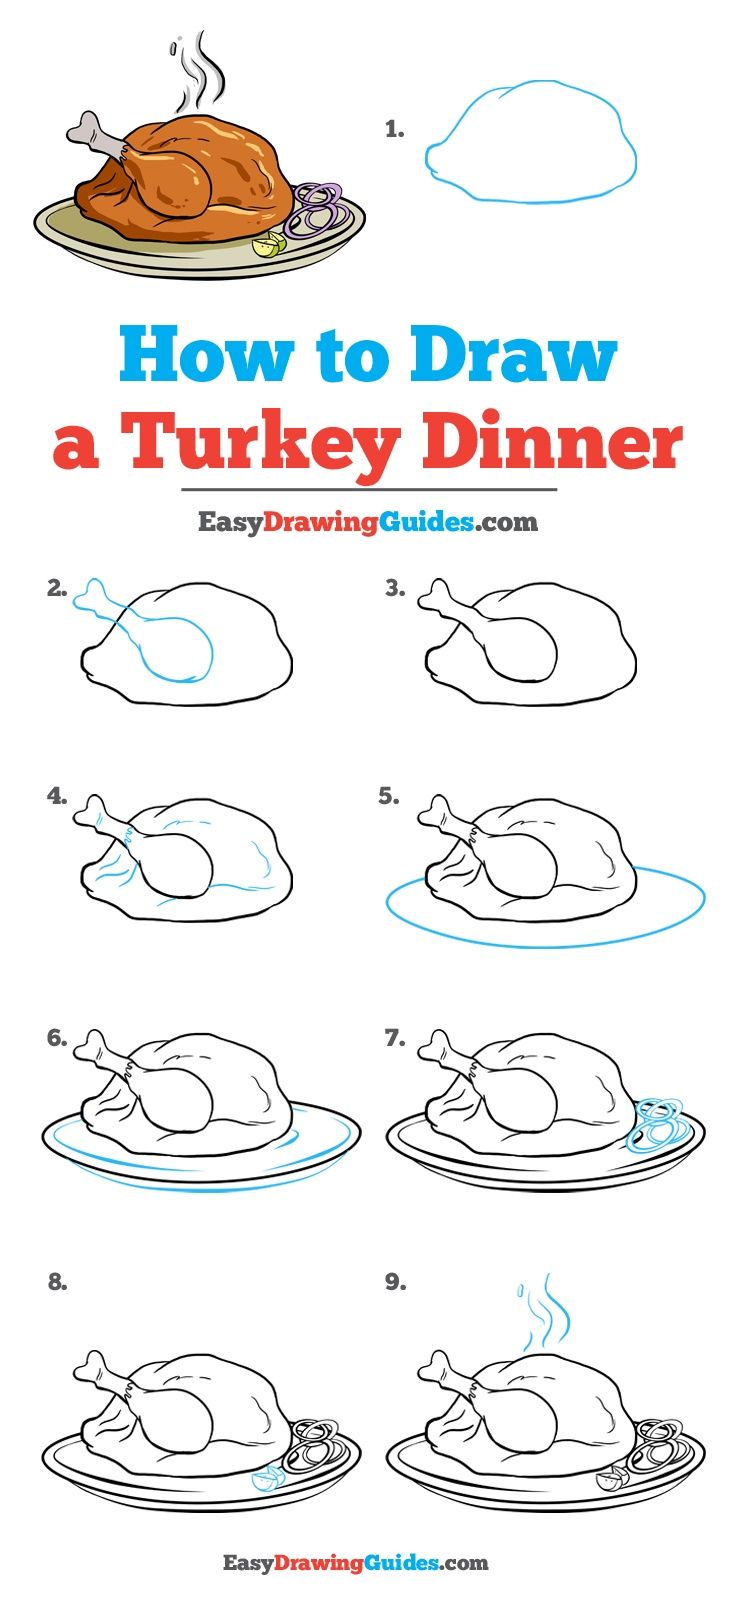 736x1605 How To Draw A Turkey Dinner